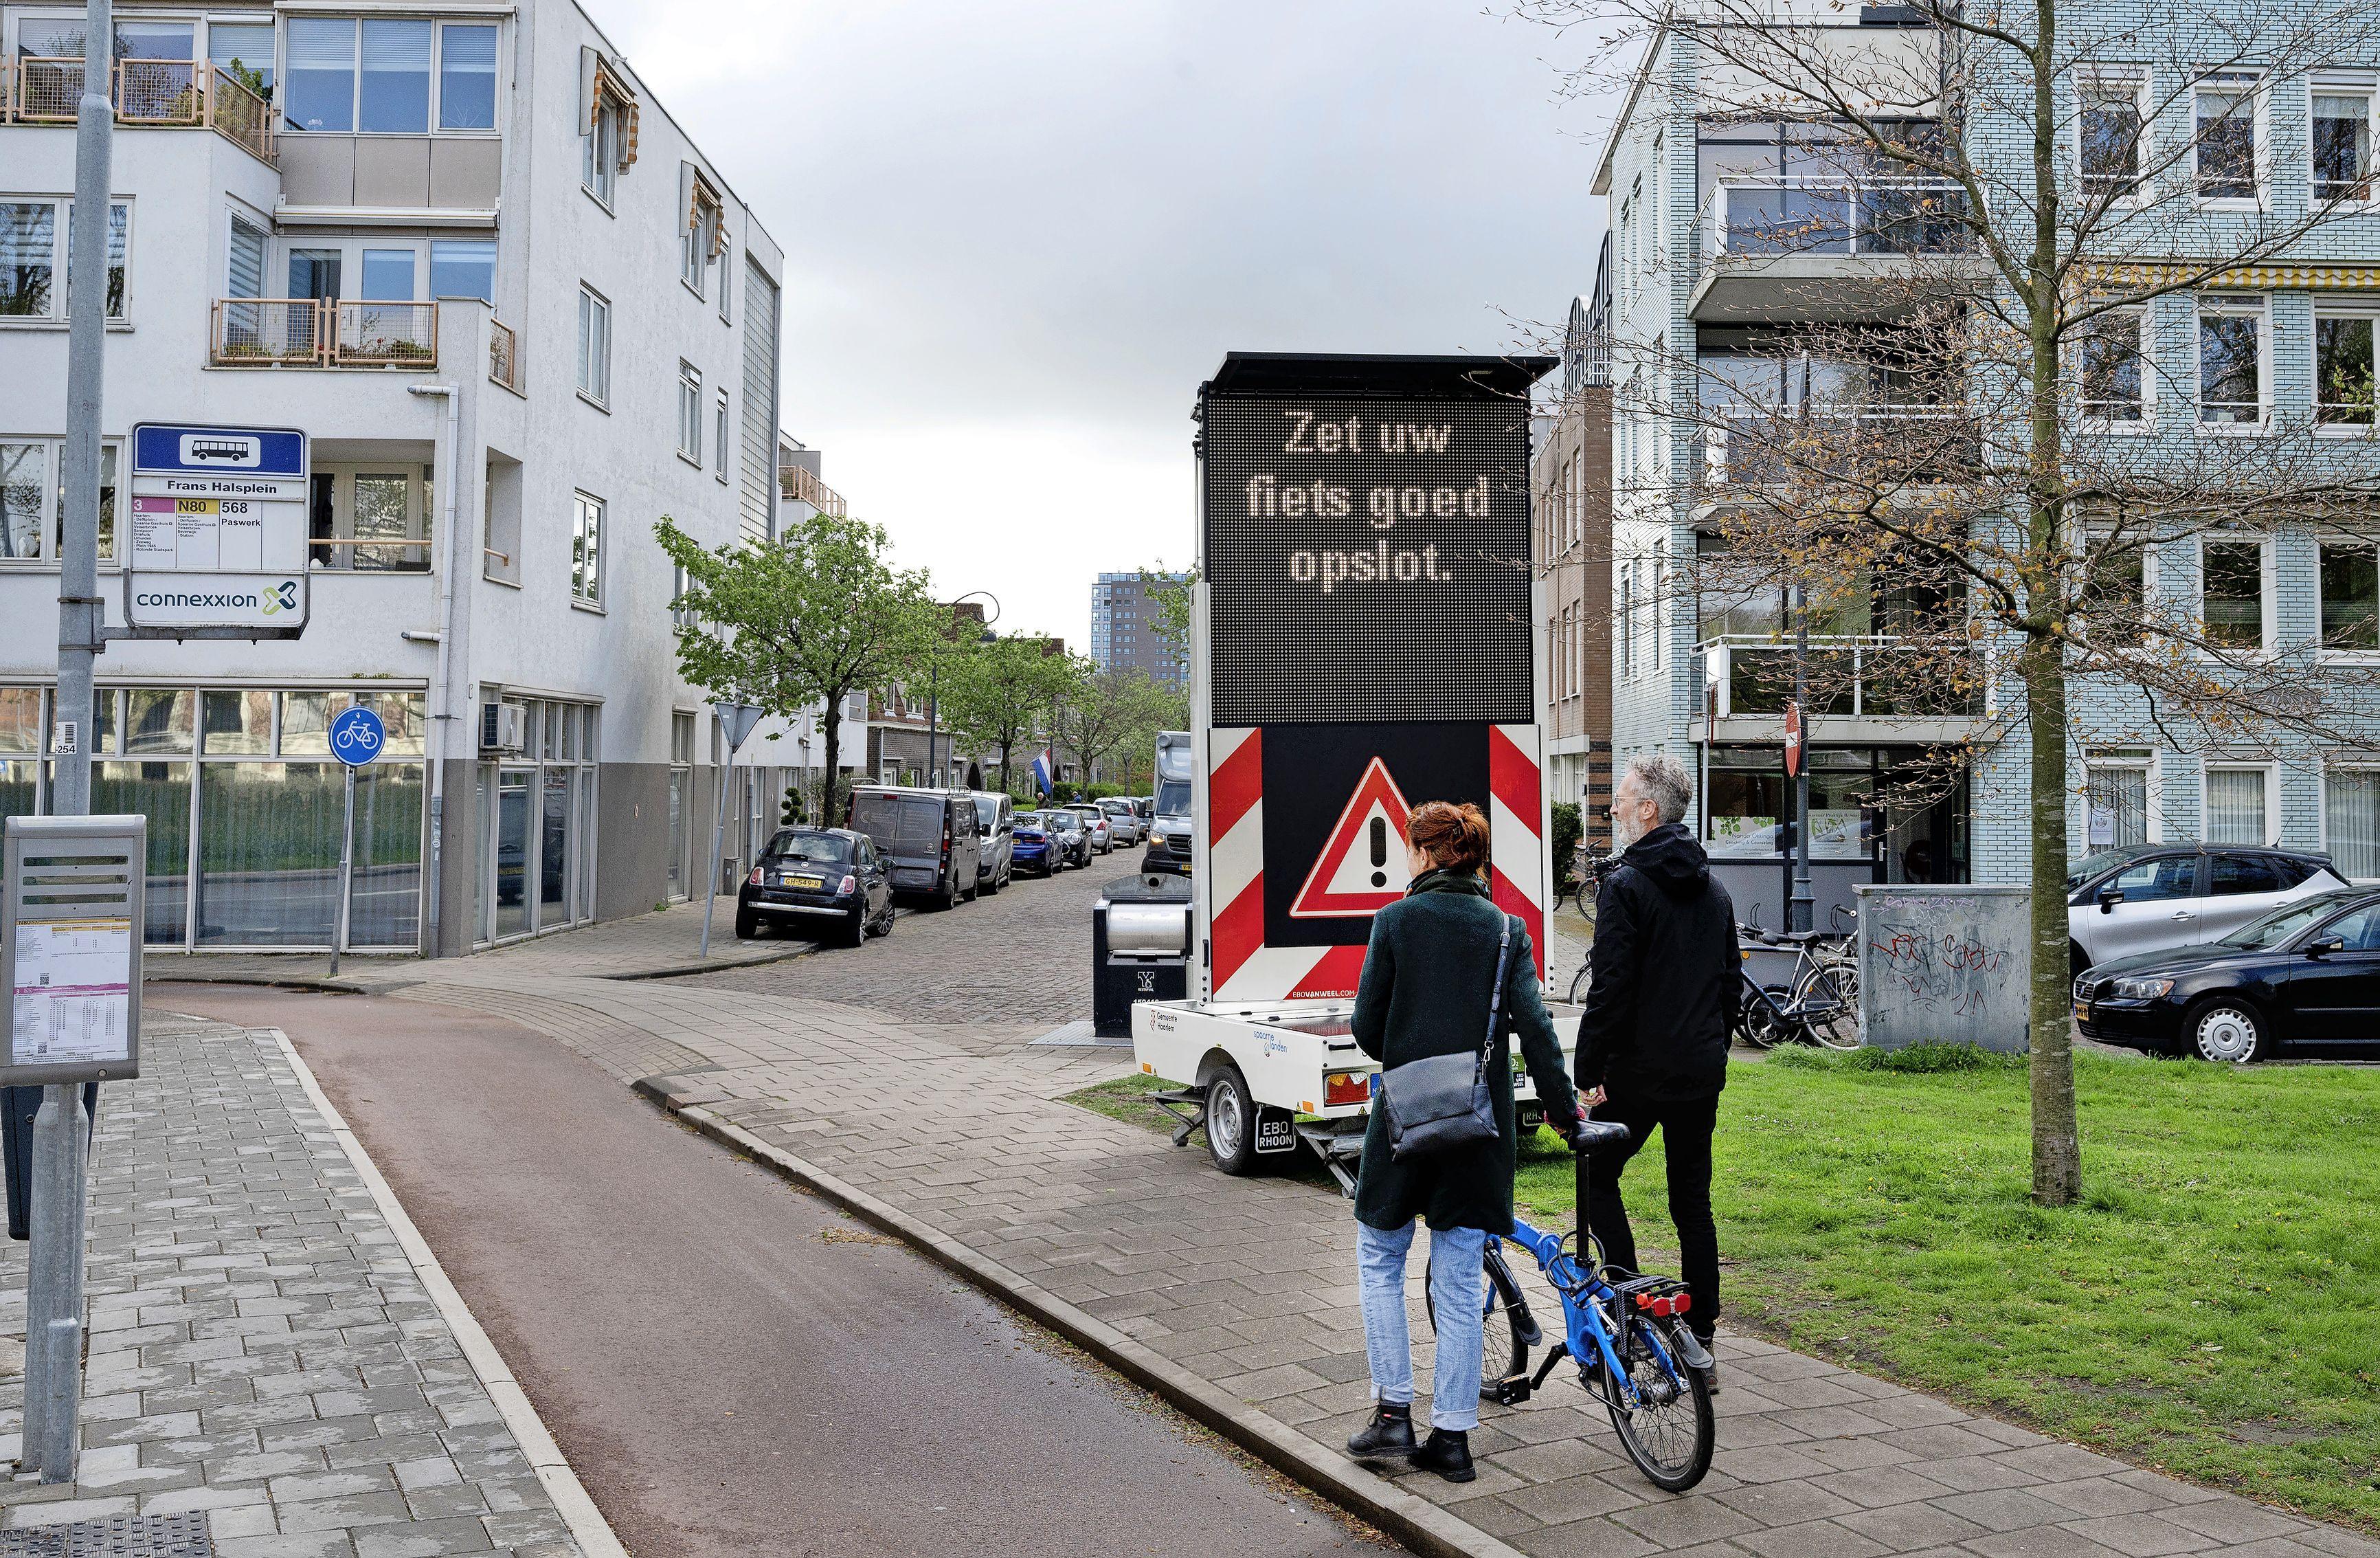 Toename fietsendiefstallen. Politie waarschuwt: 'Zet fiets goed op slot in Haarlem-Noord'